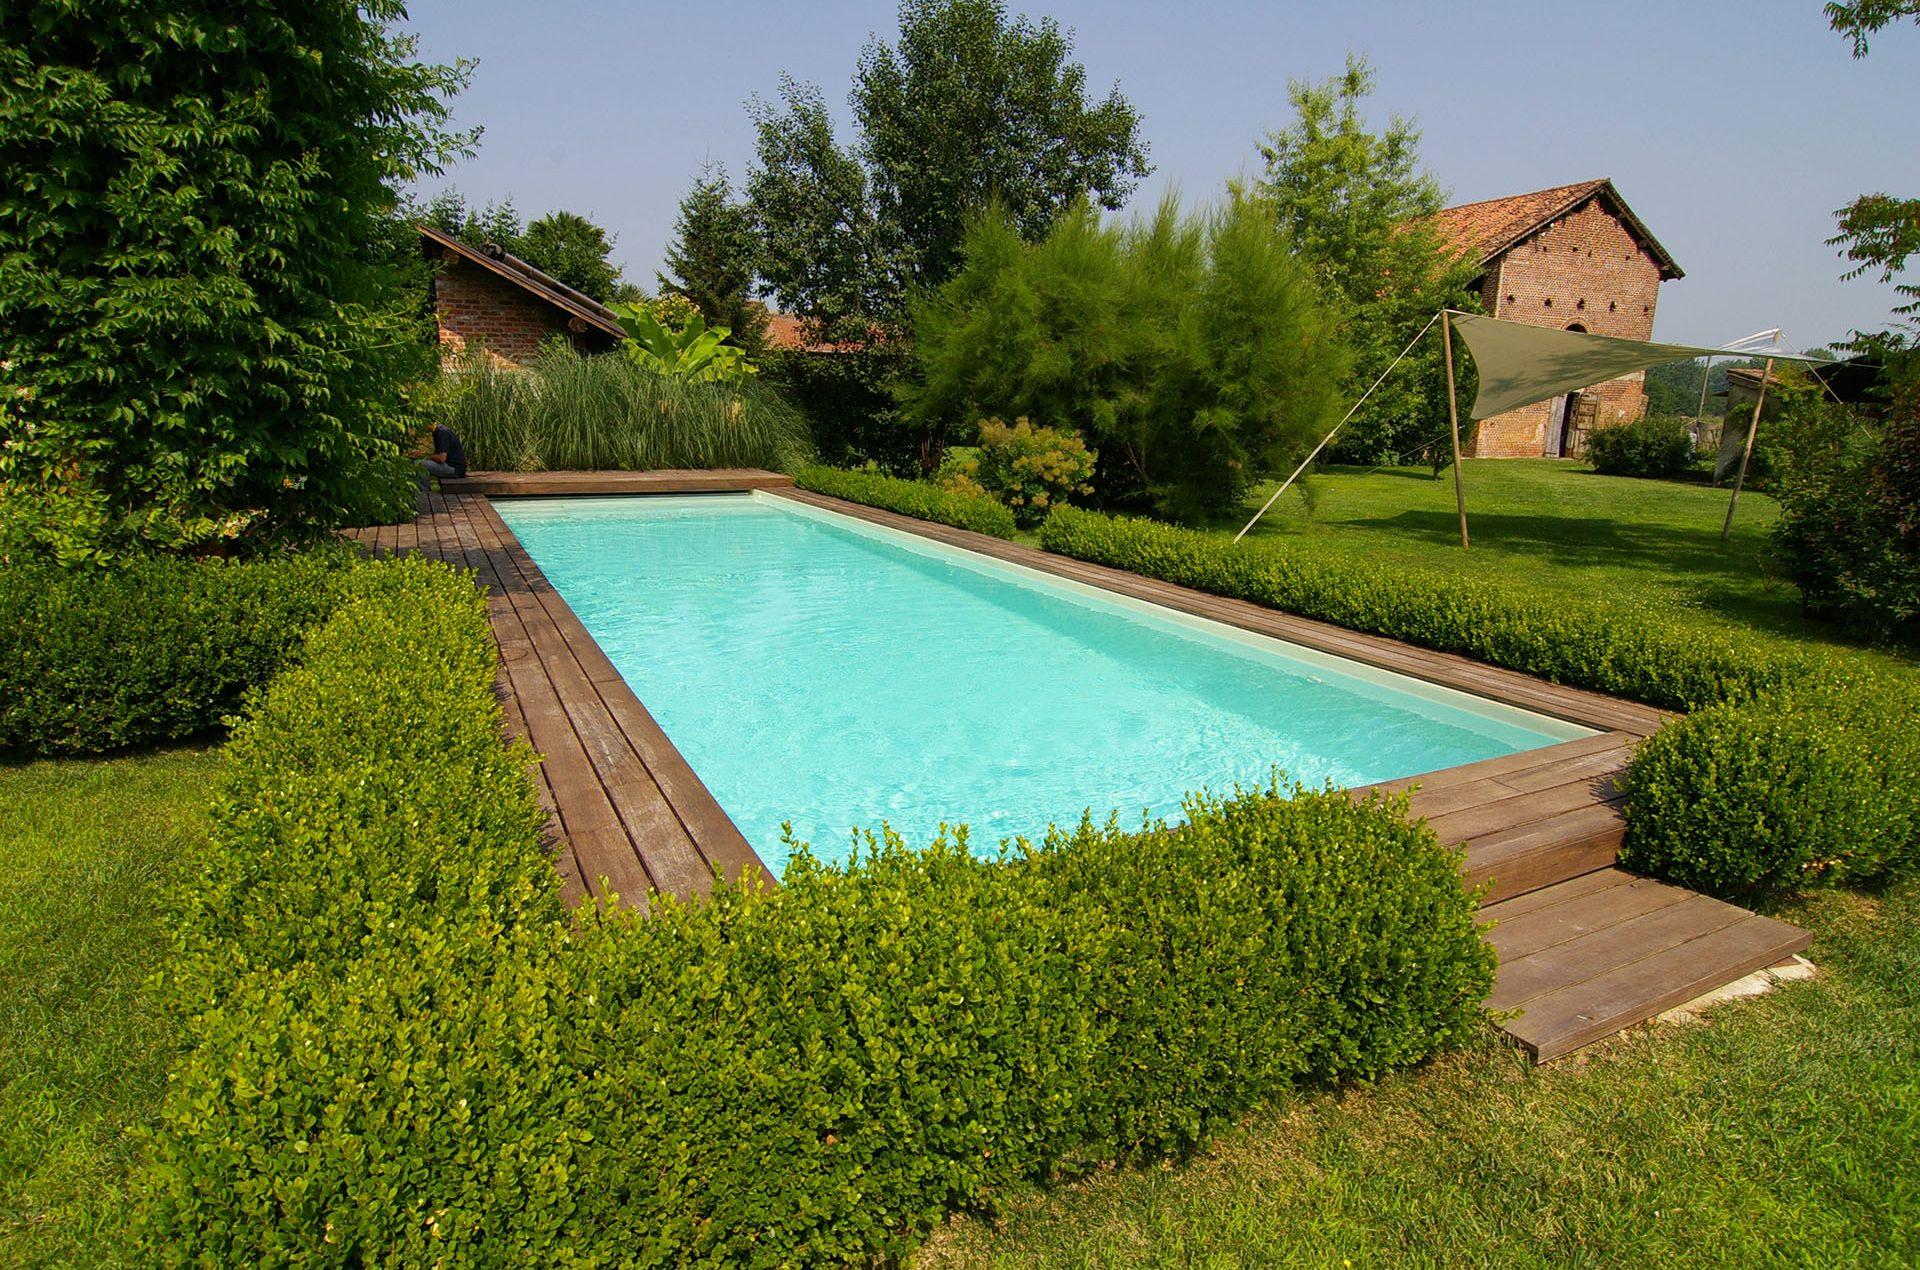 piscine verbano - un tuffo nella storia (2)